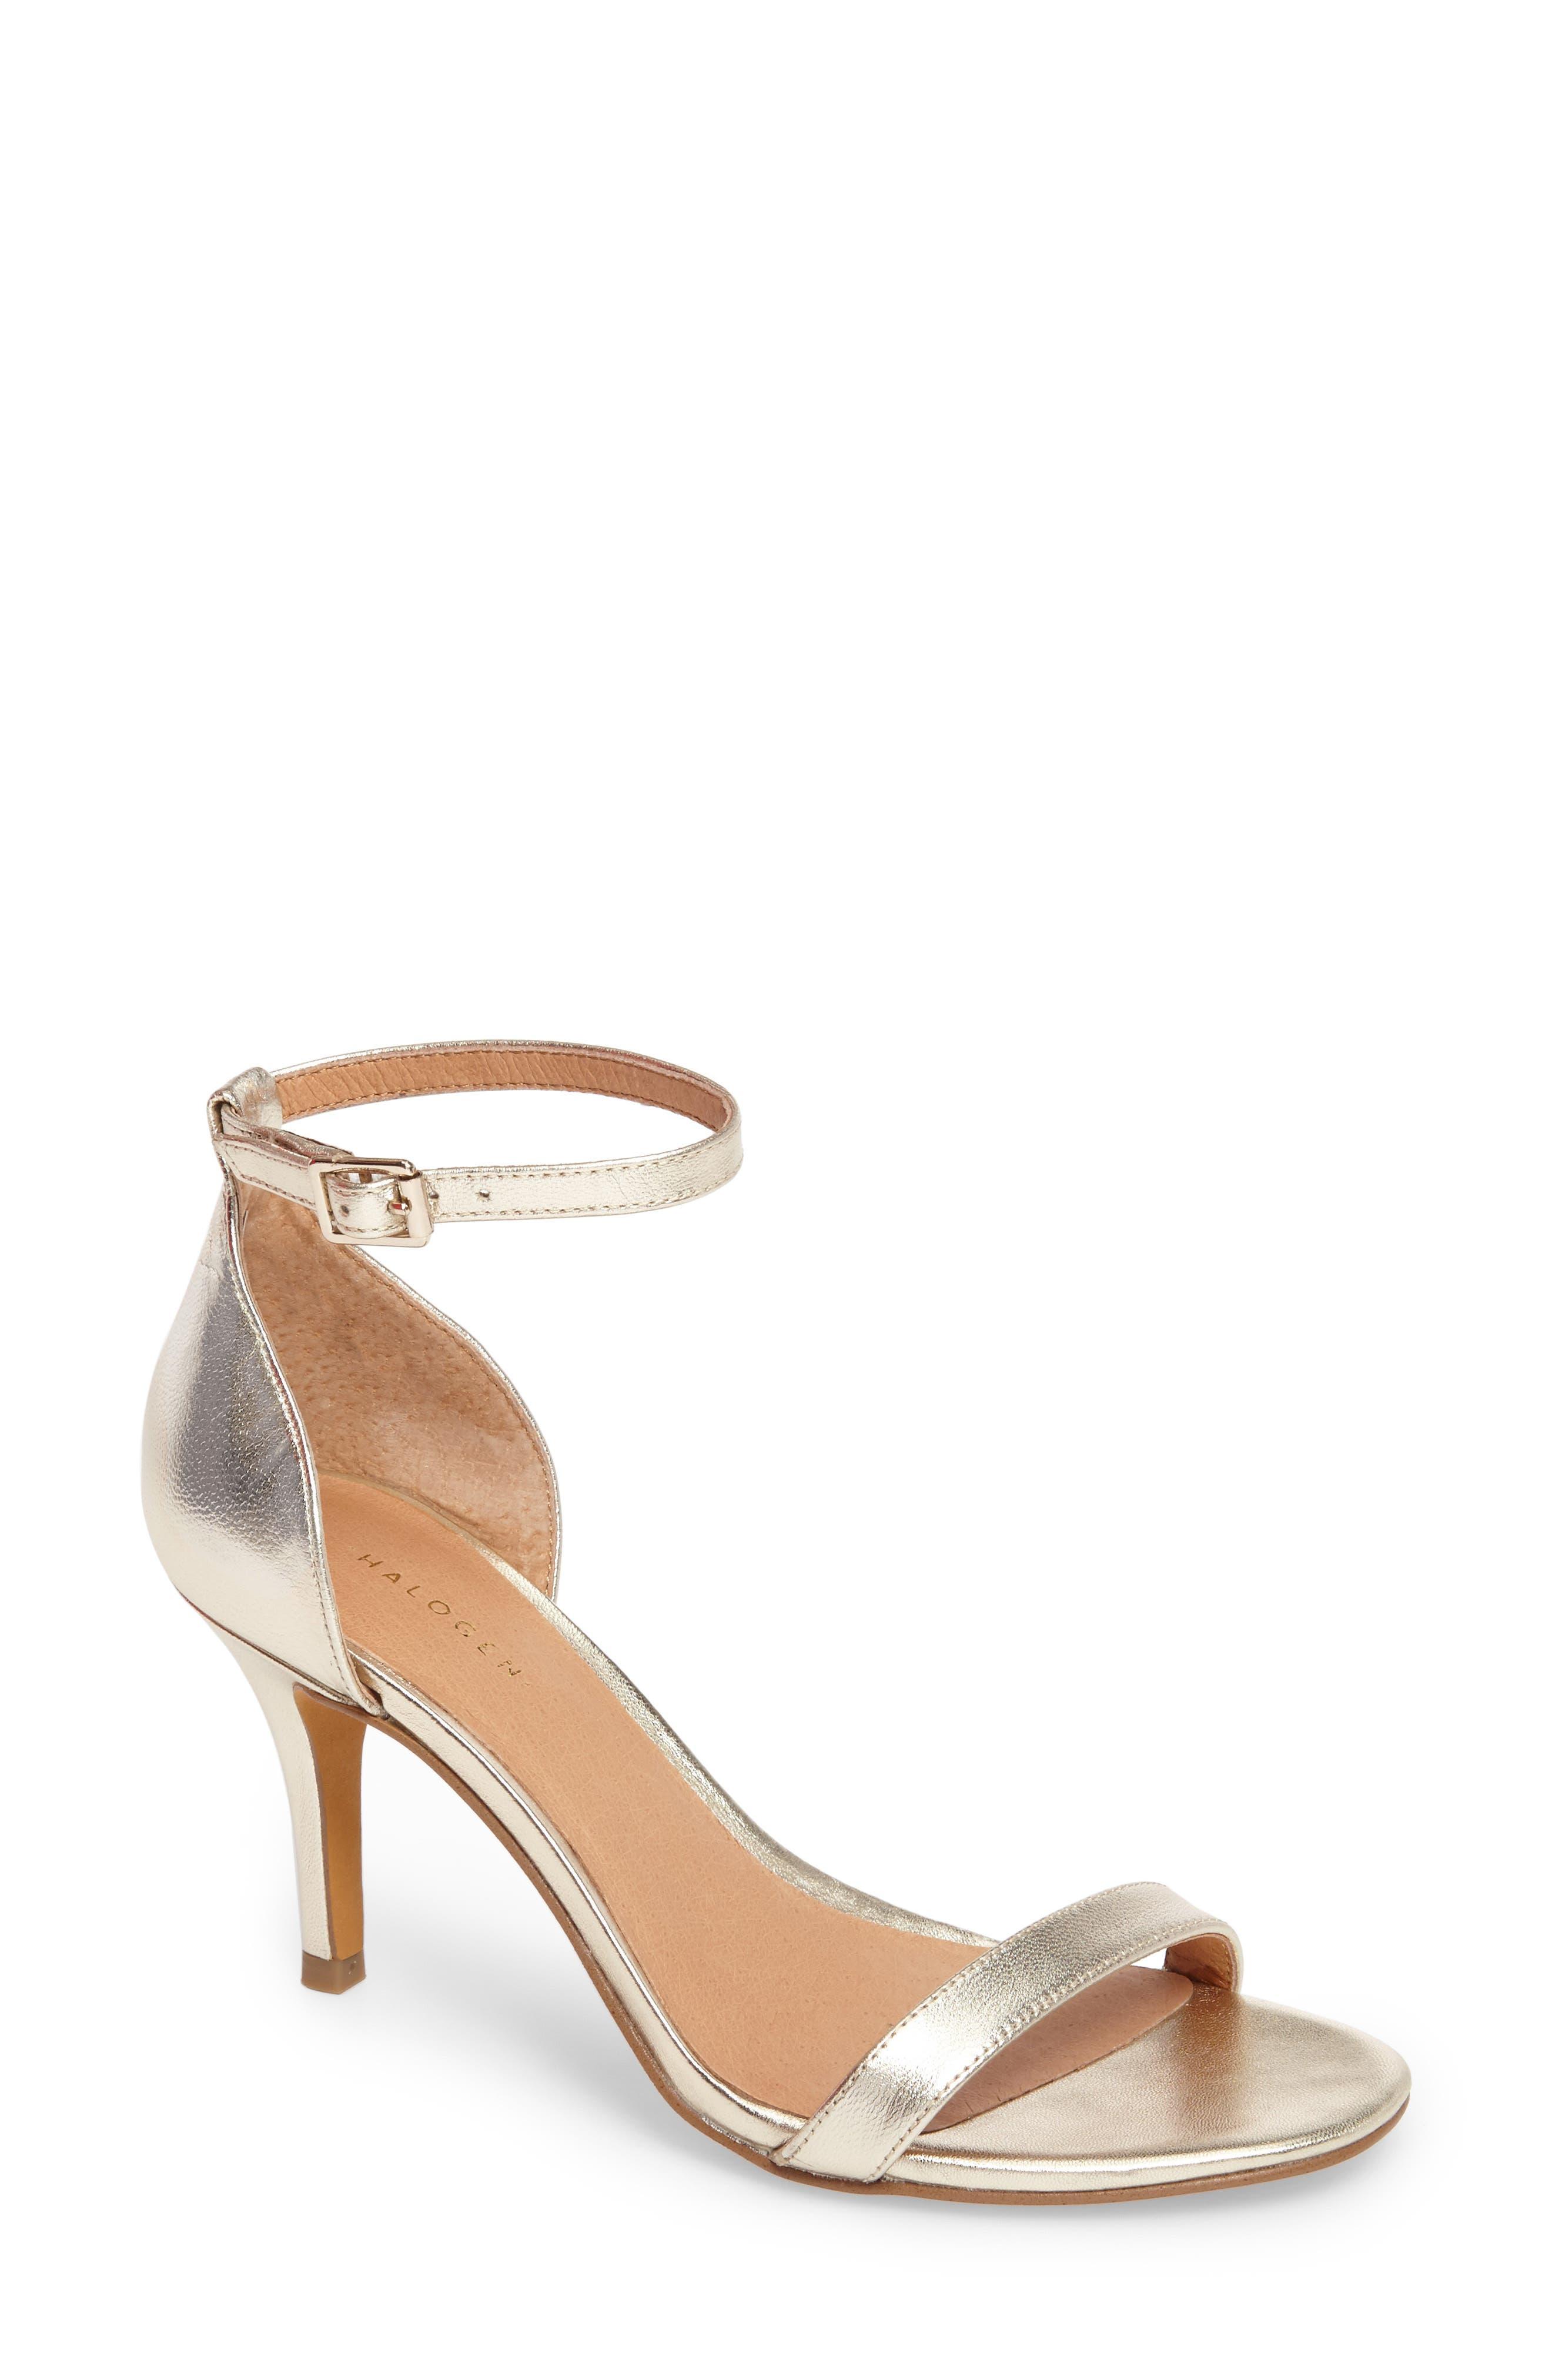 Audrey Ankle Strap Sandal,                             Main thumbnail 22, color,